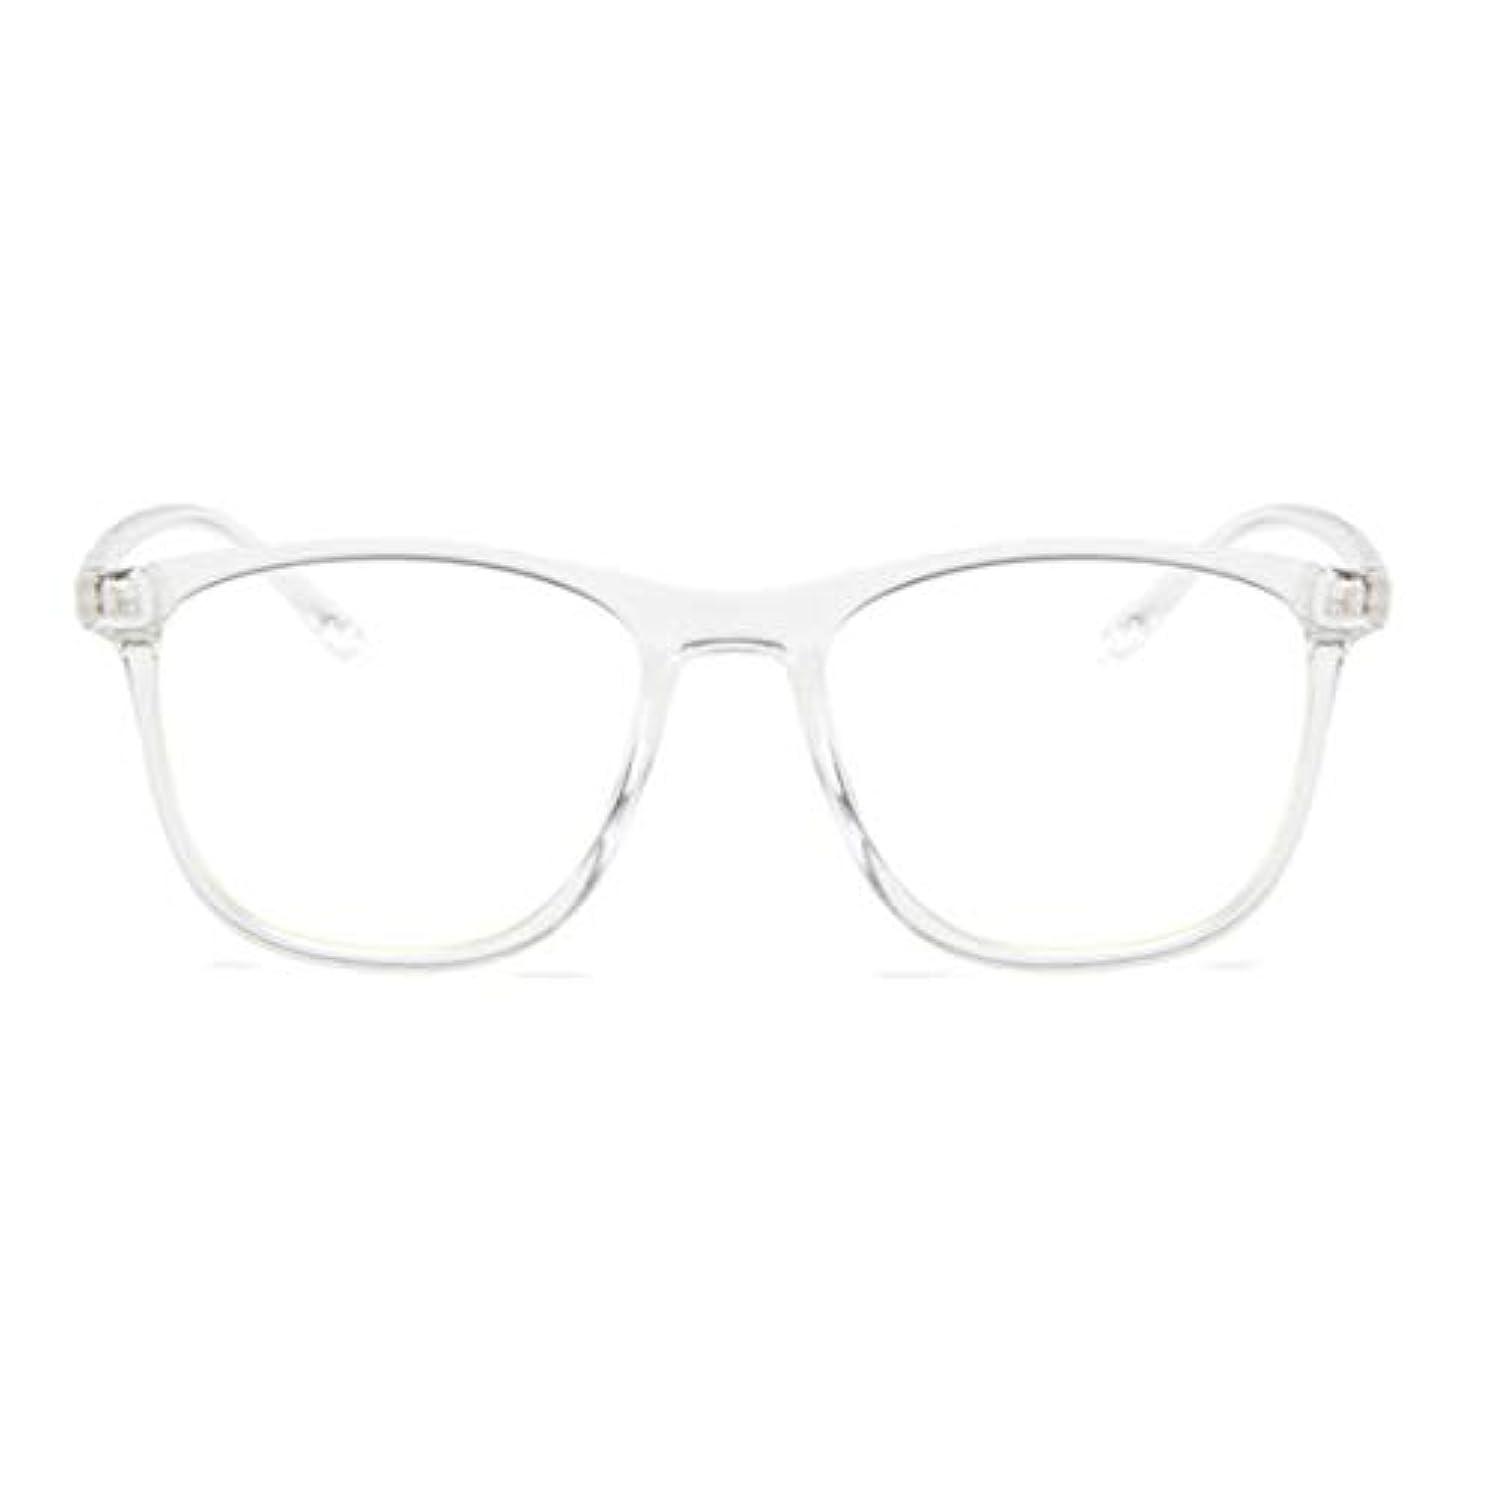 液体アクセサリー雨韓国の学生のプレーンメガネ男性と女性のファッションメガネフレーム近視メガネフレームファッショナブルなシンプルなメガネ-透明ホワイト